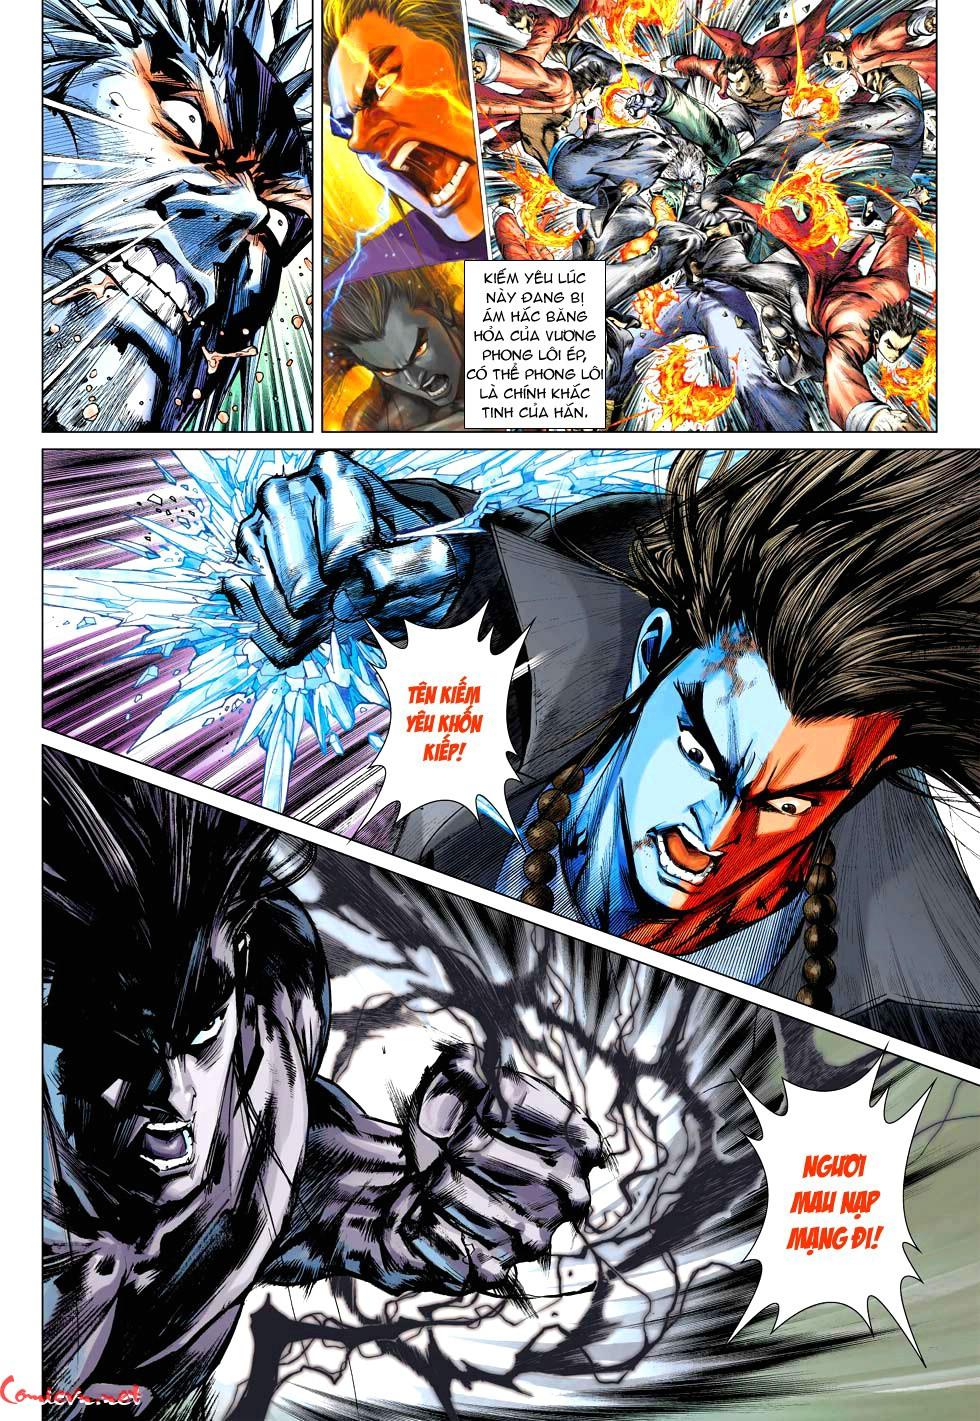 Vương Phong Lôi 1 chap 38 - Trang 16